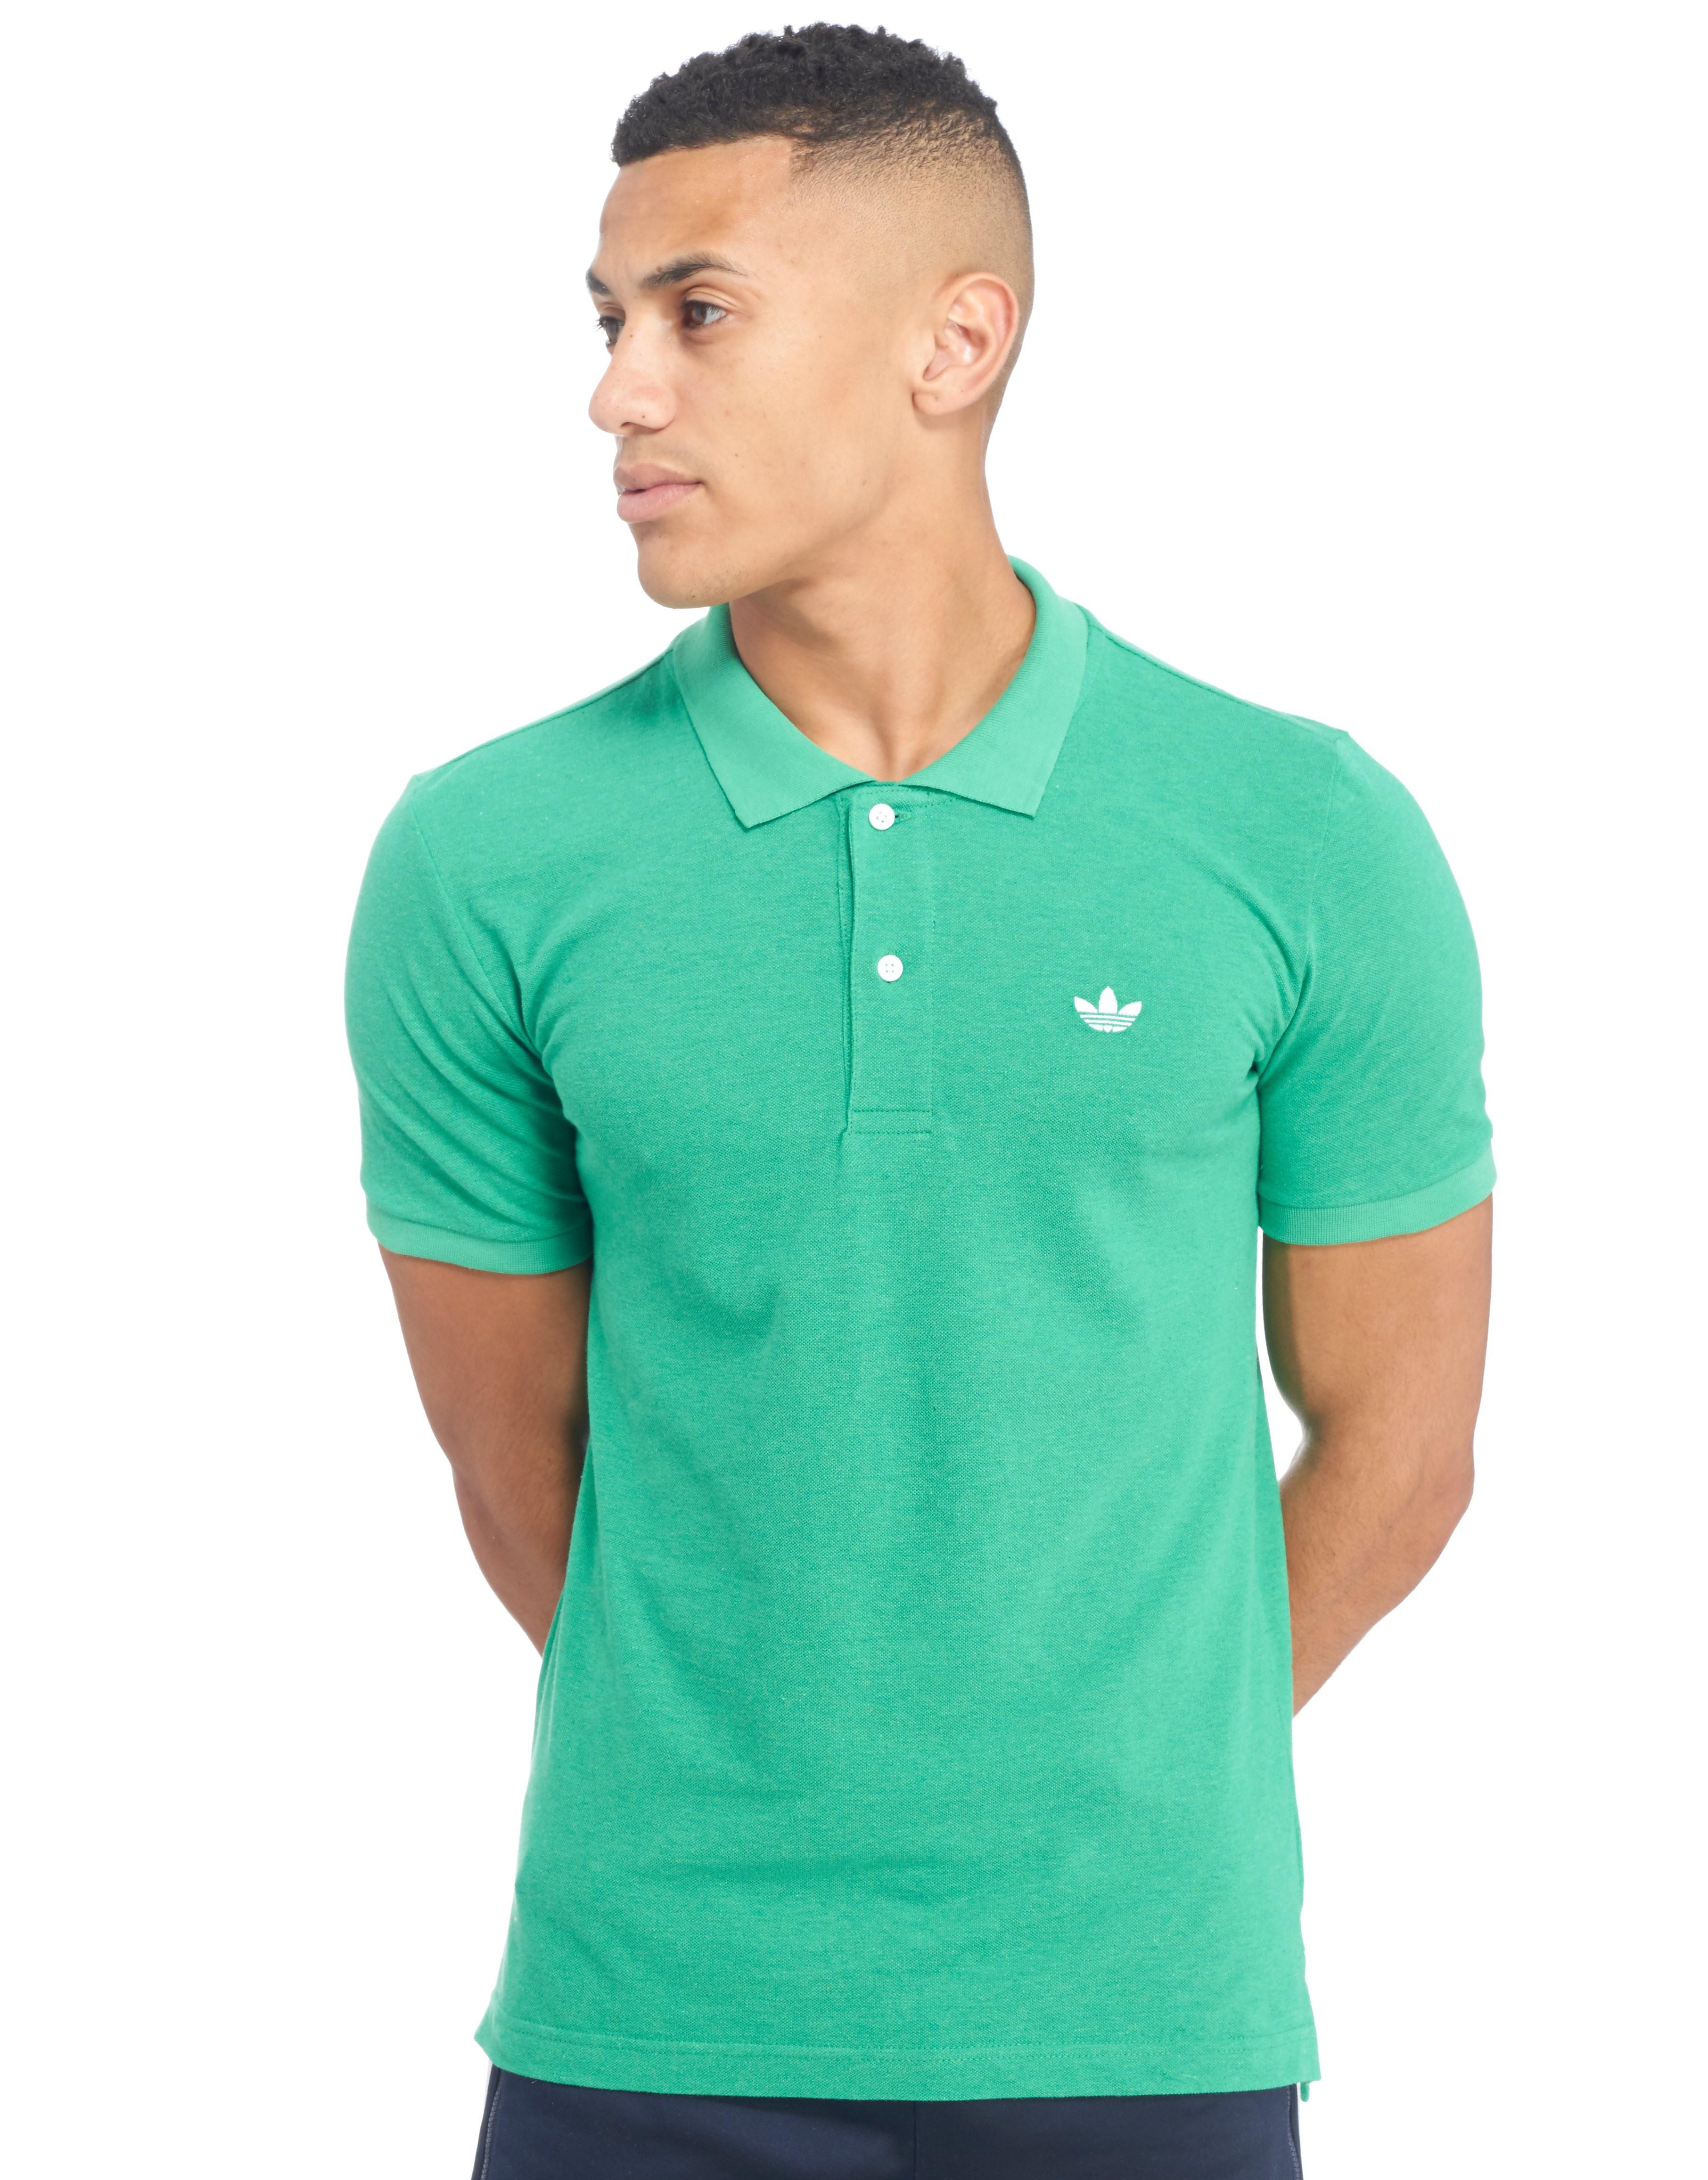 adidas Originals Trefoil Polo Shirt